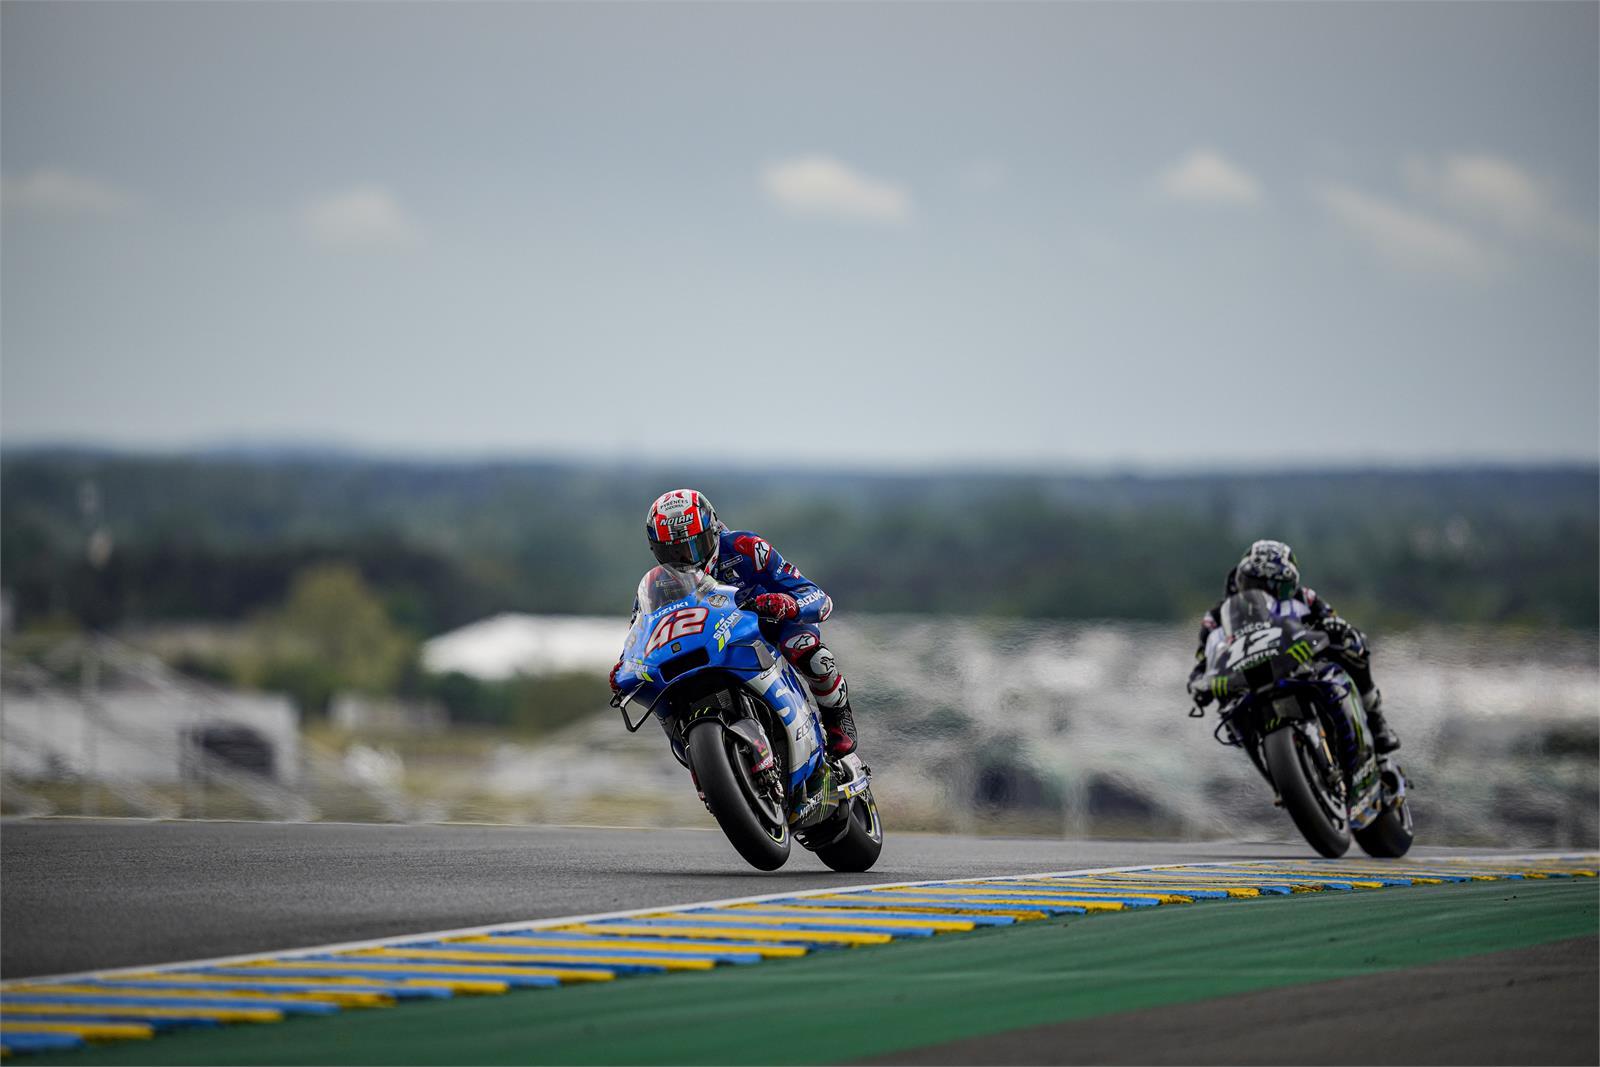 フランスGP 初日総合11位 アレックス・リンス「おそらくQ1から走行することになる」